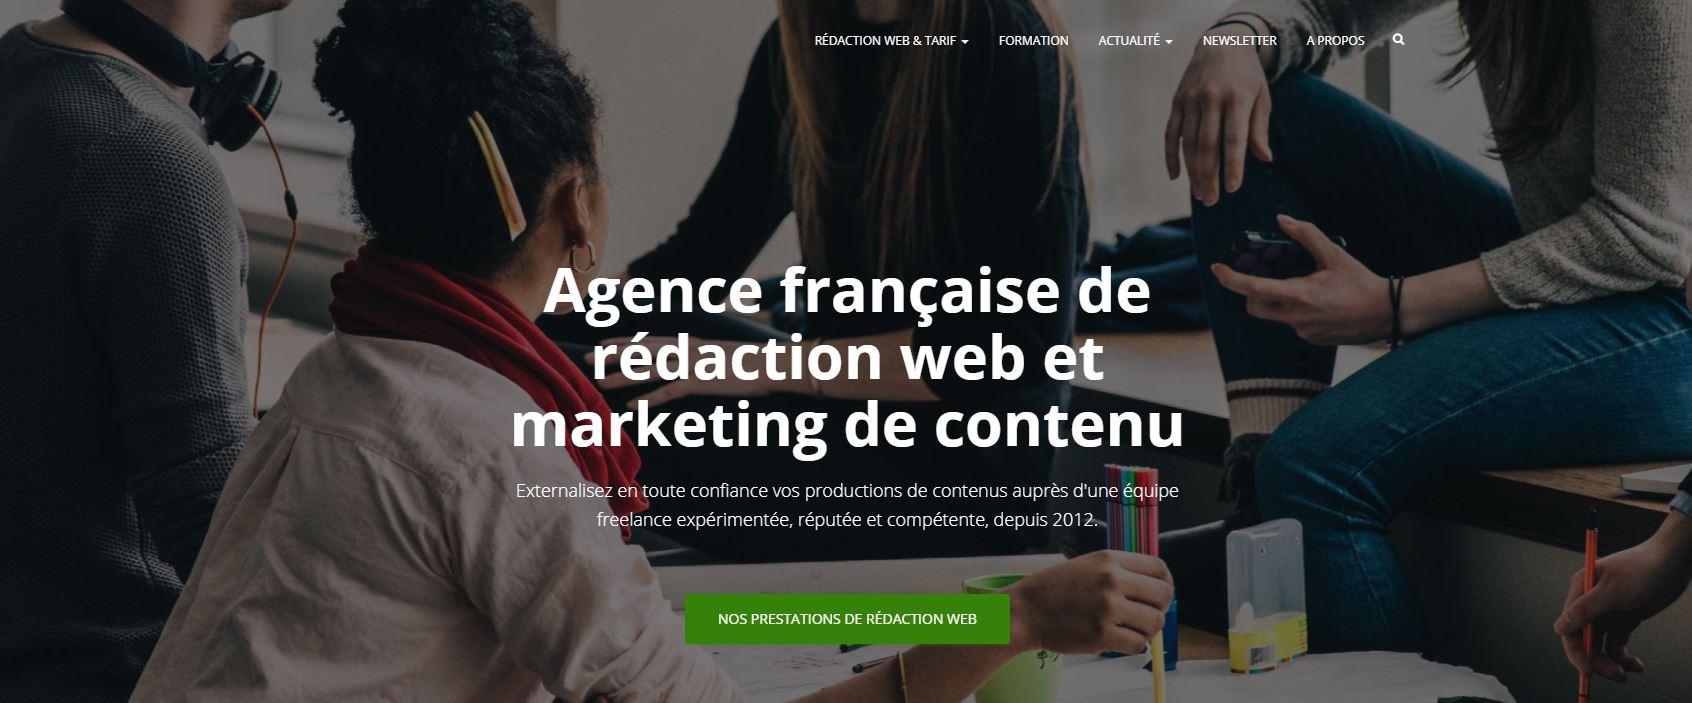 Agence de rédaction web